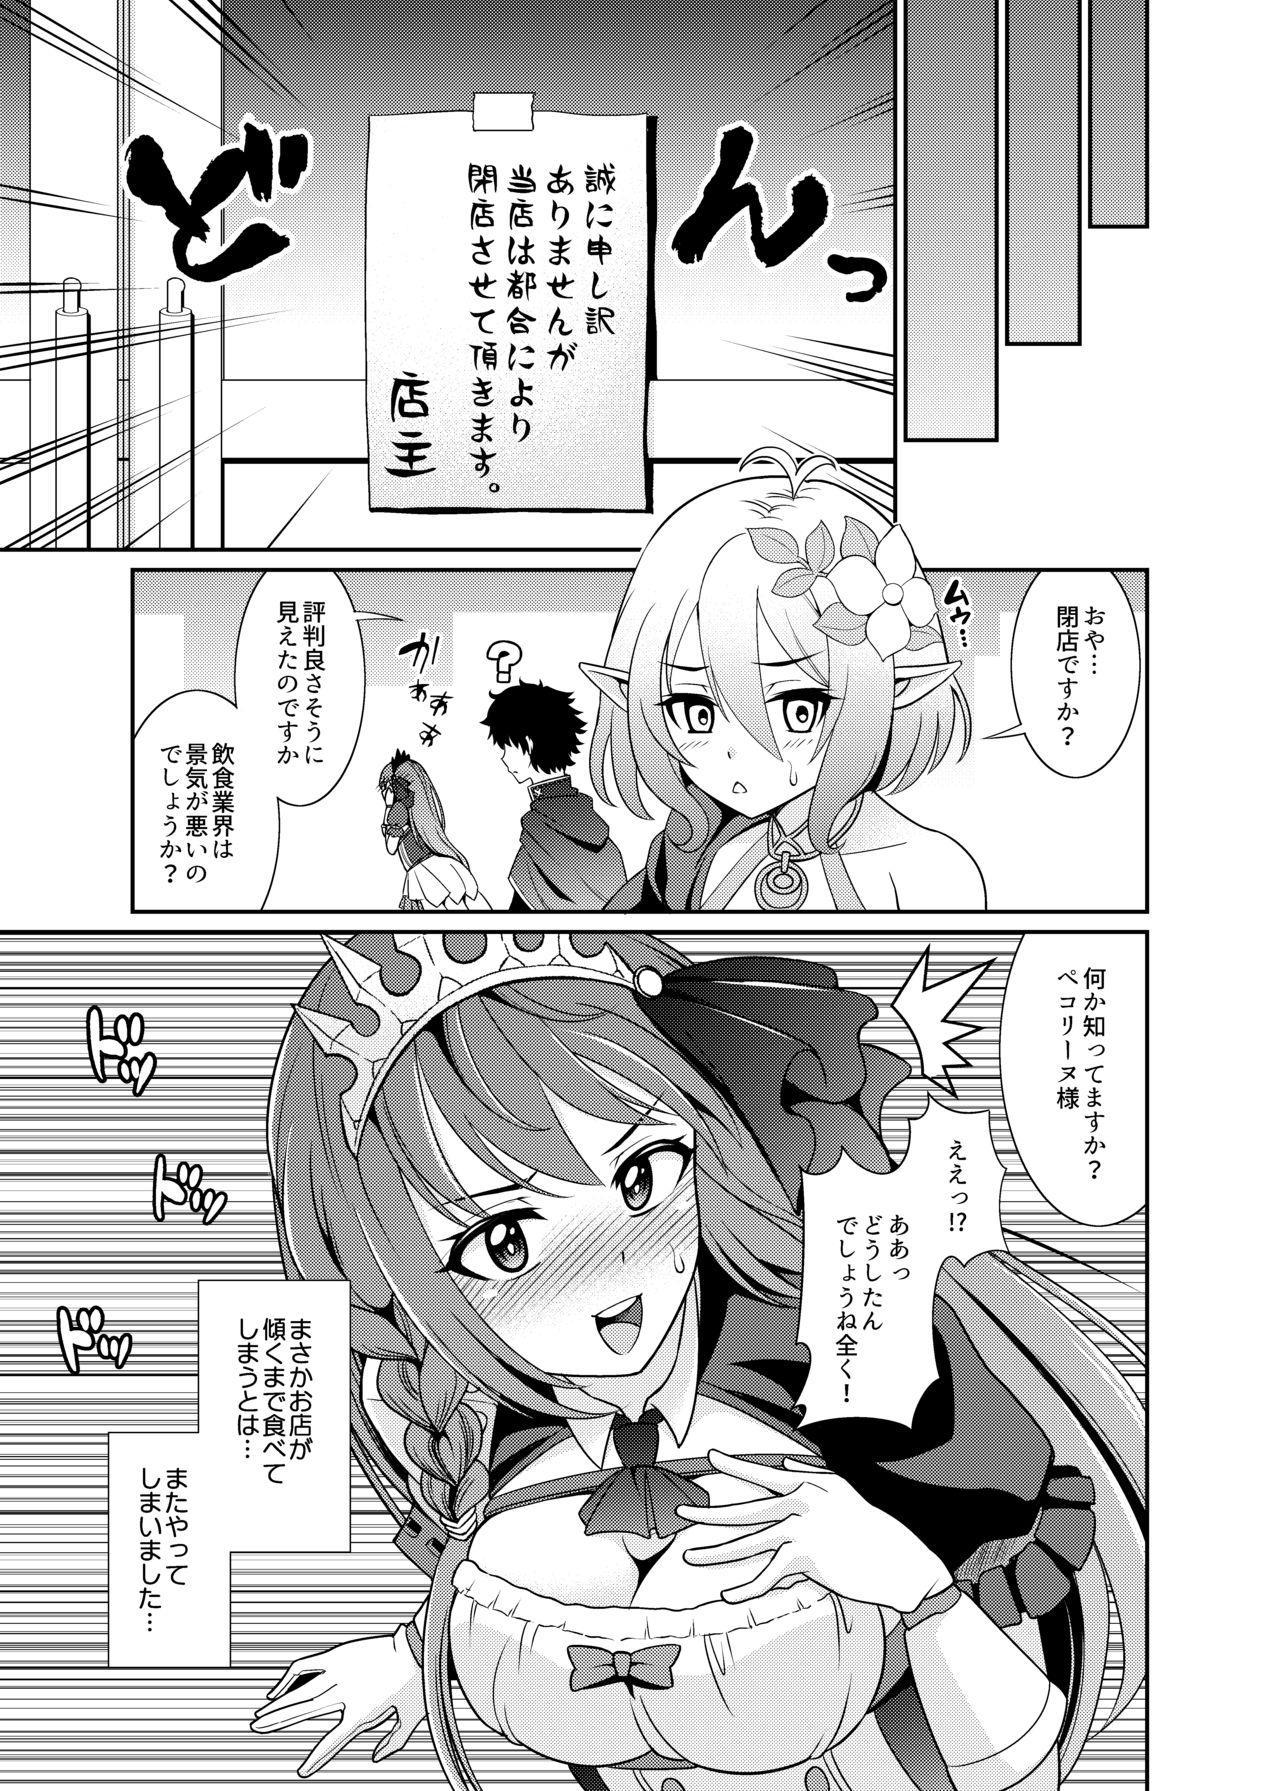 [Kurokoya (Shikigami Kuroko)] Ee~~ Hameteru Ma wa Tabehoudai desu kaa!? [Digital] (Full resolution) 20